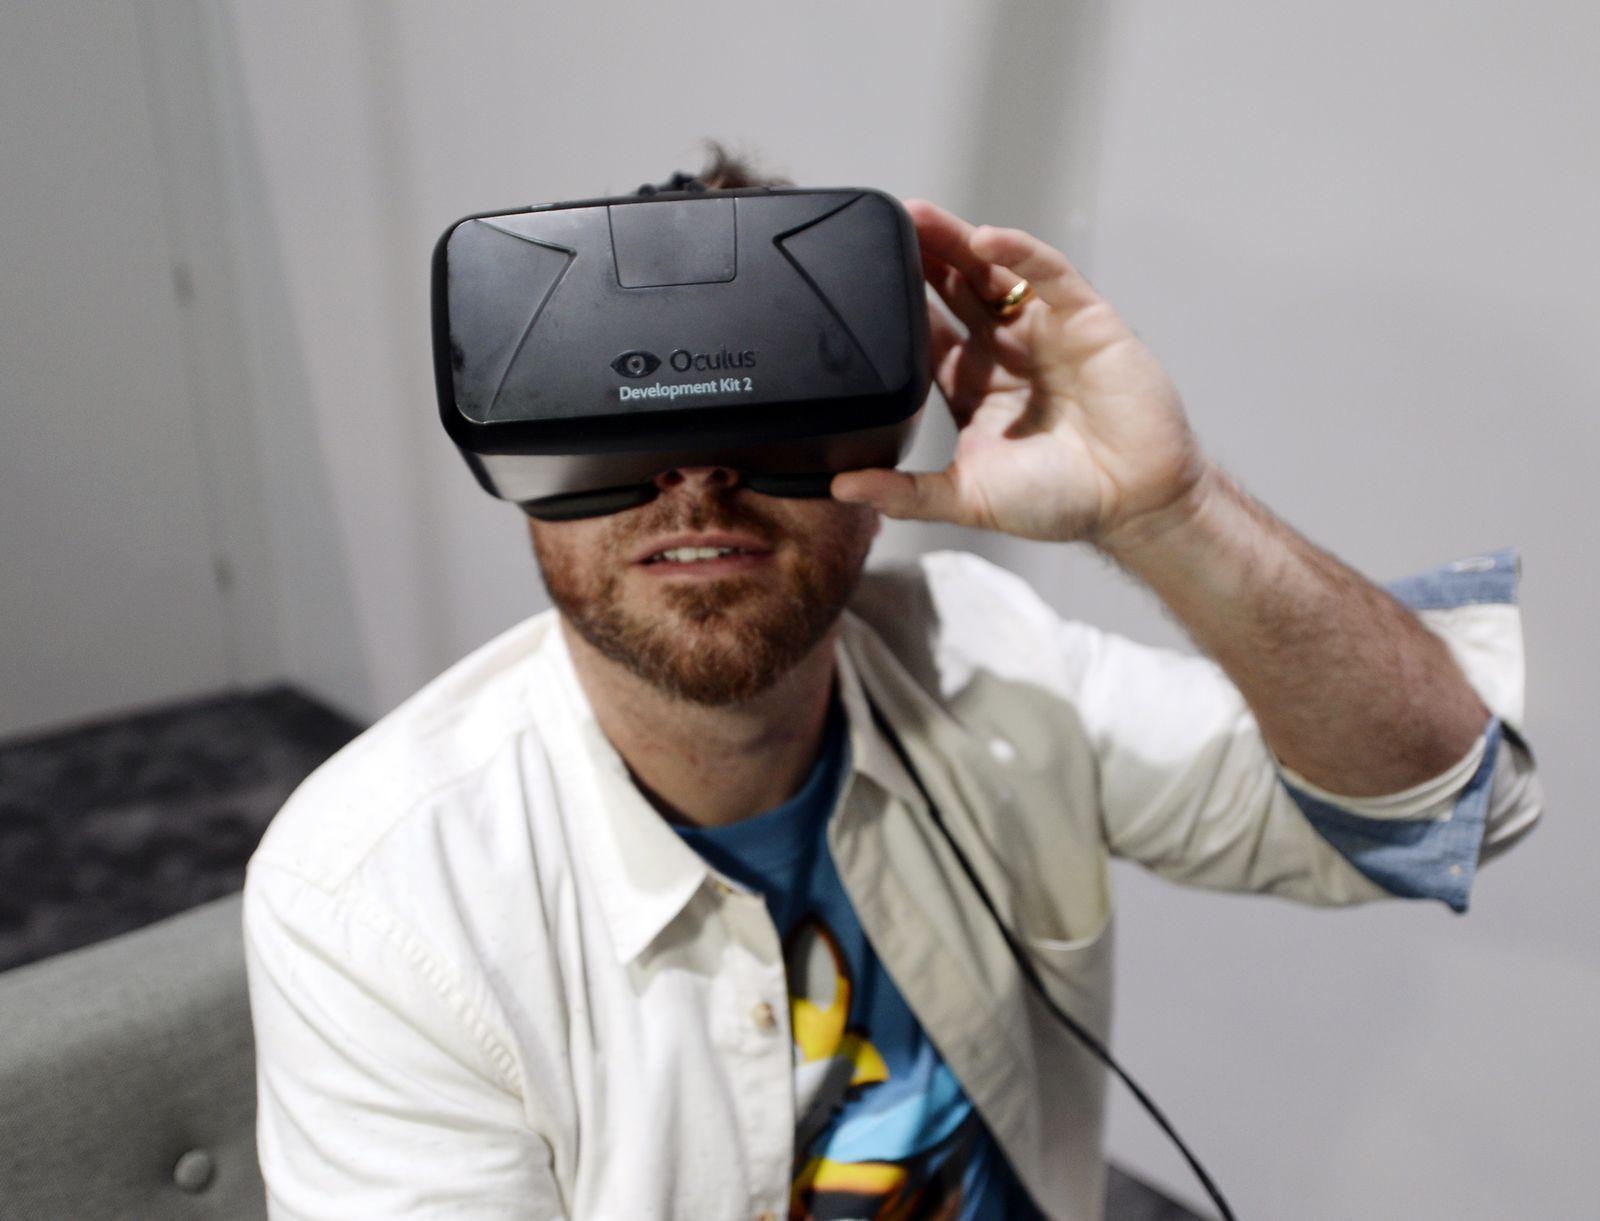 NICHT MEHR VERWENDEN! - Oculus Rift